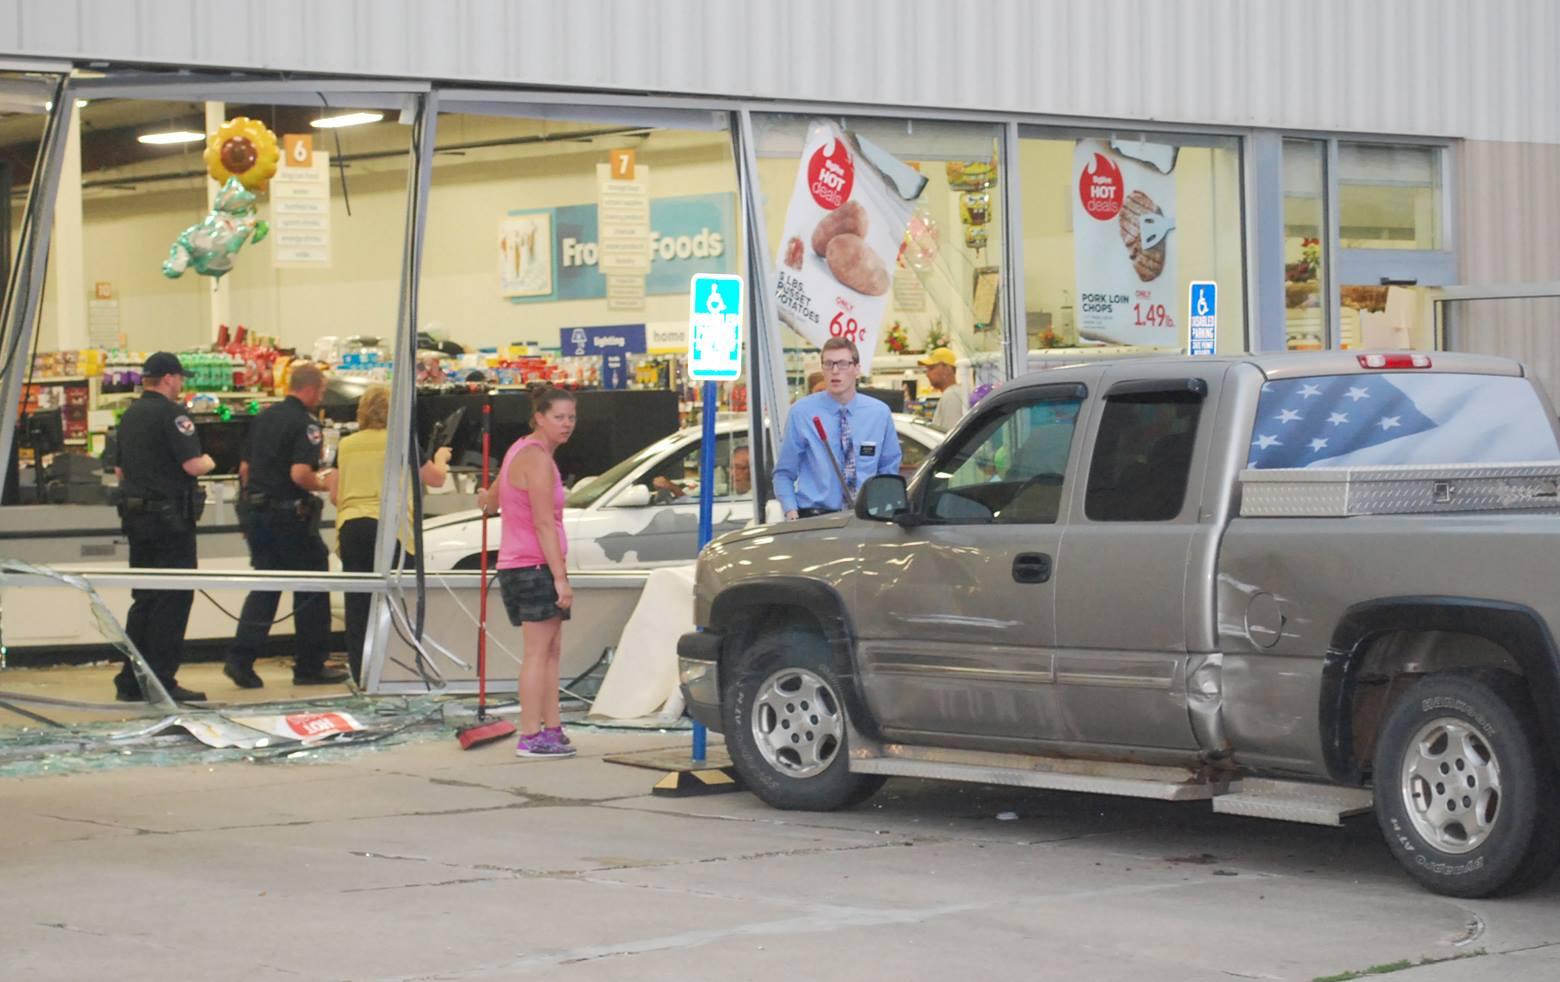 2 injured when auto crashes into northwestern Iowa grocery